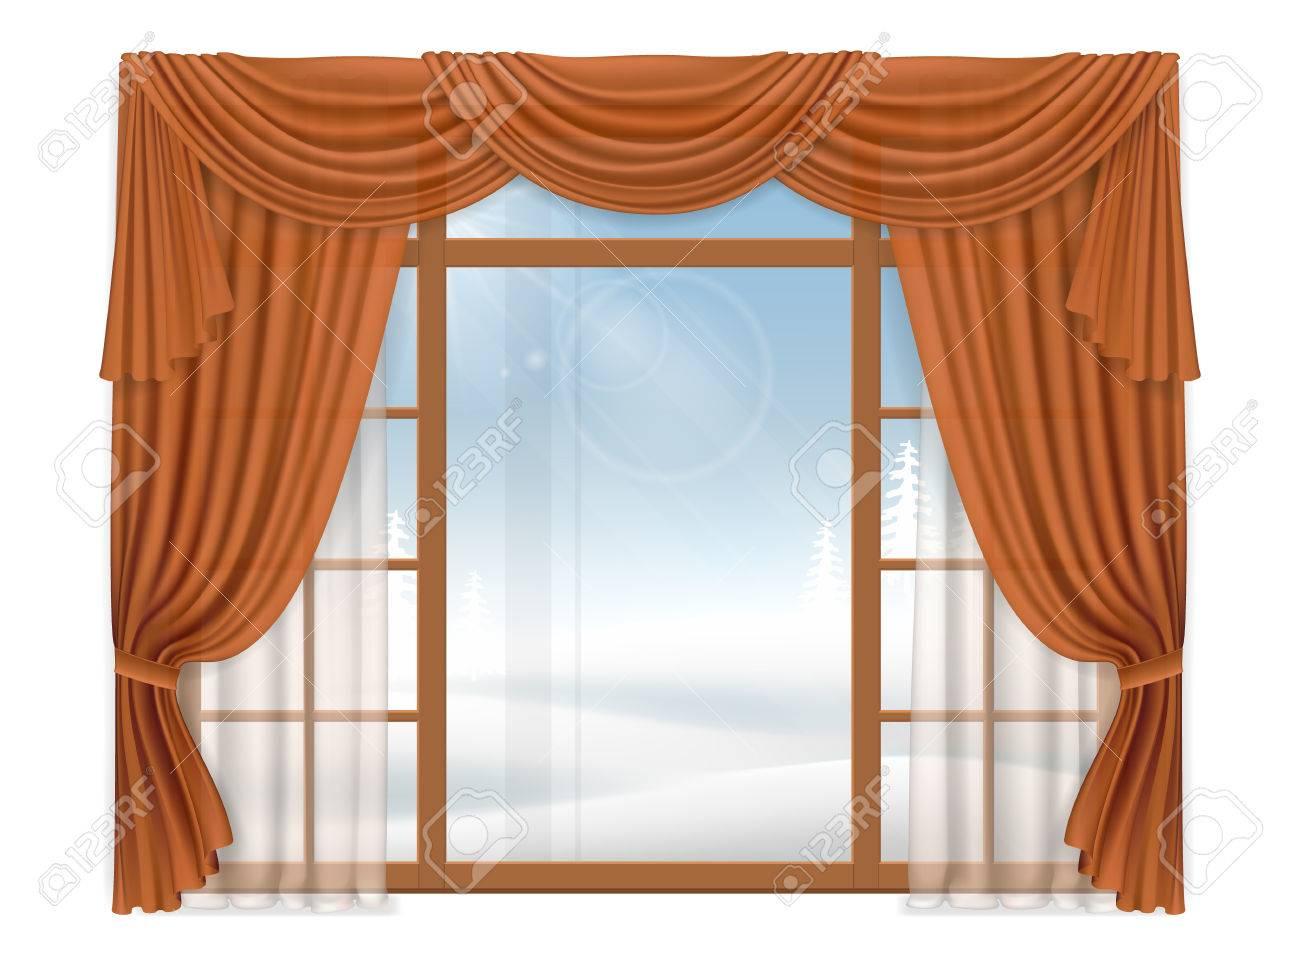 Ventana Con Cortinas Elegantes Y El Paisaje De Invierno Al Aire - Cortinas-elegantes